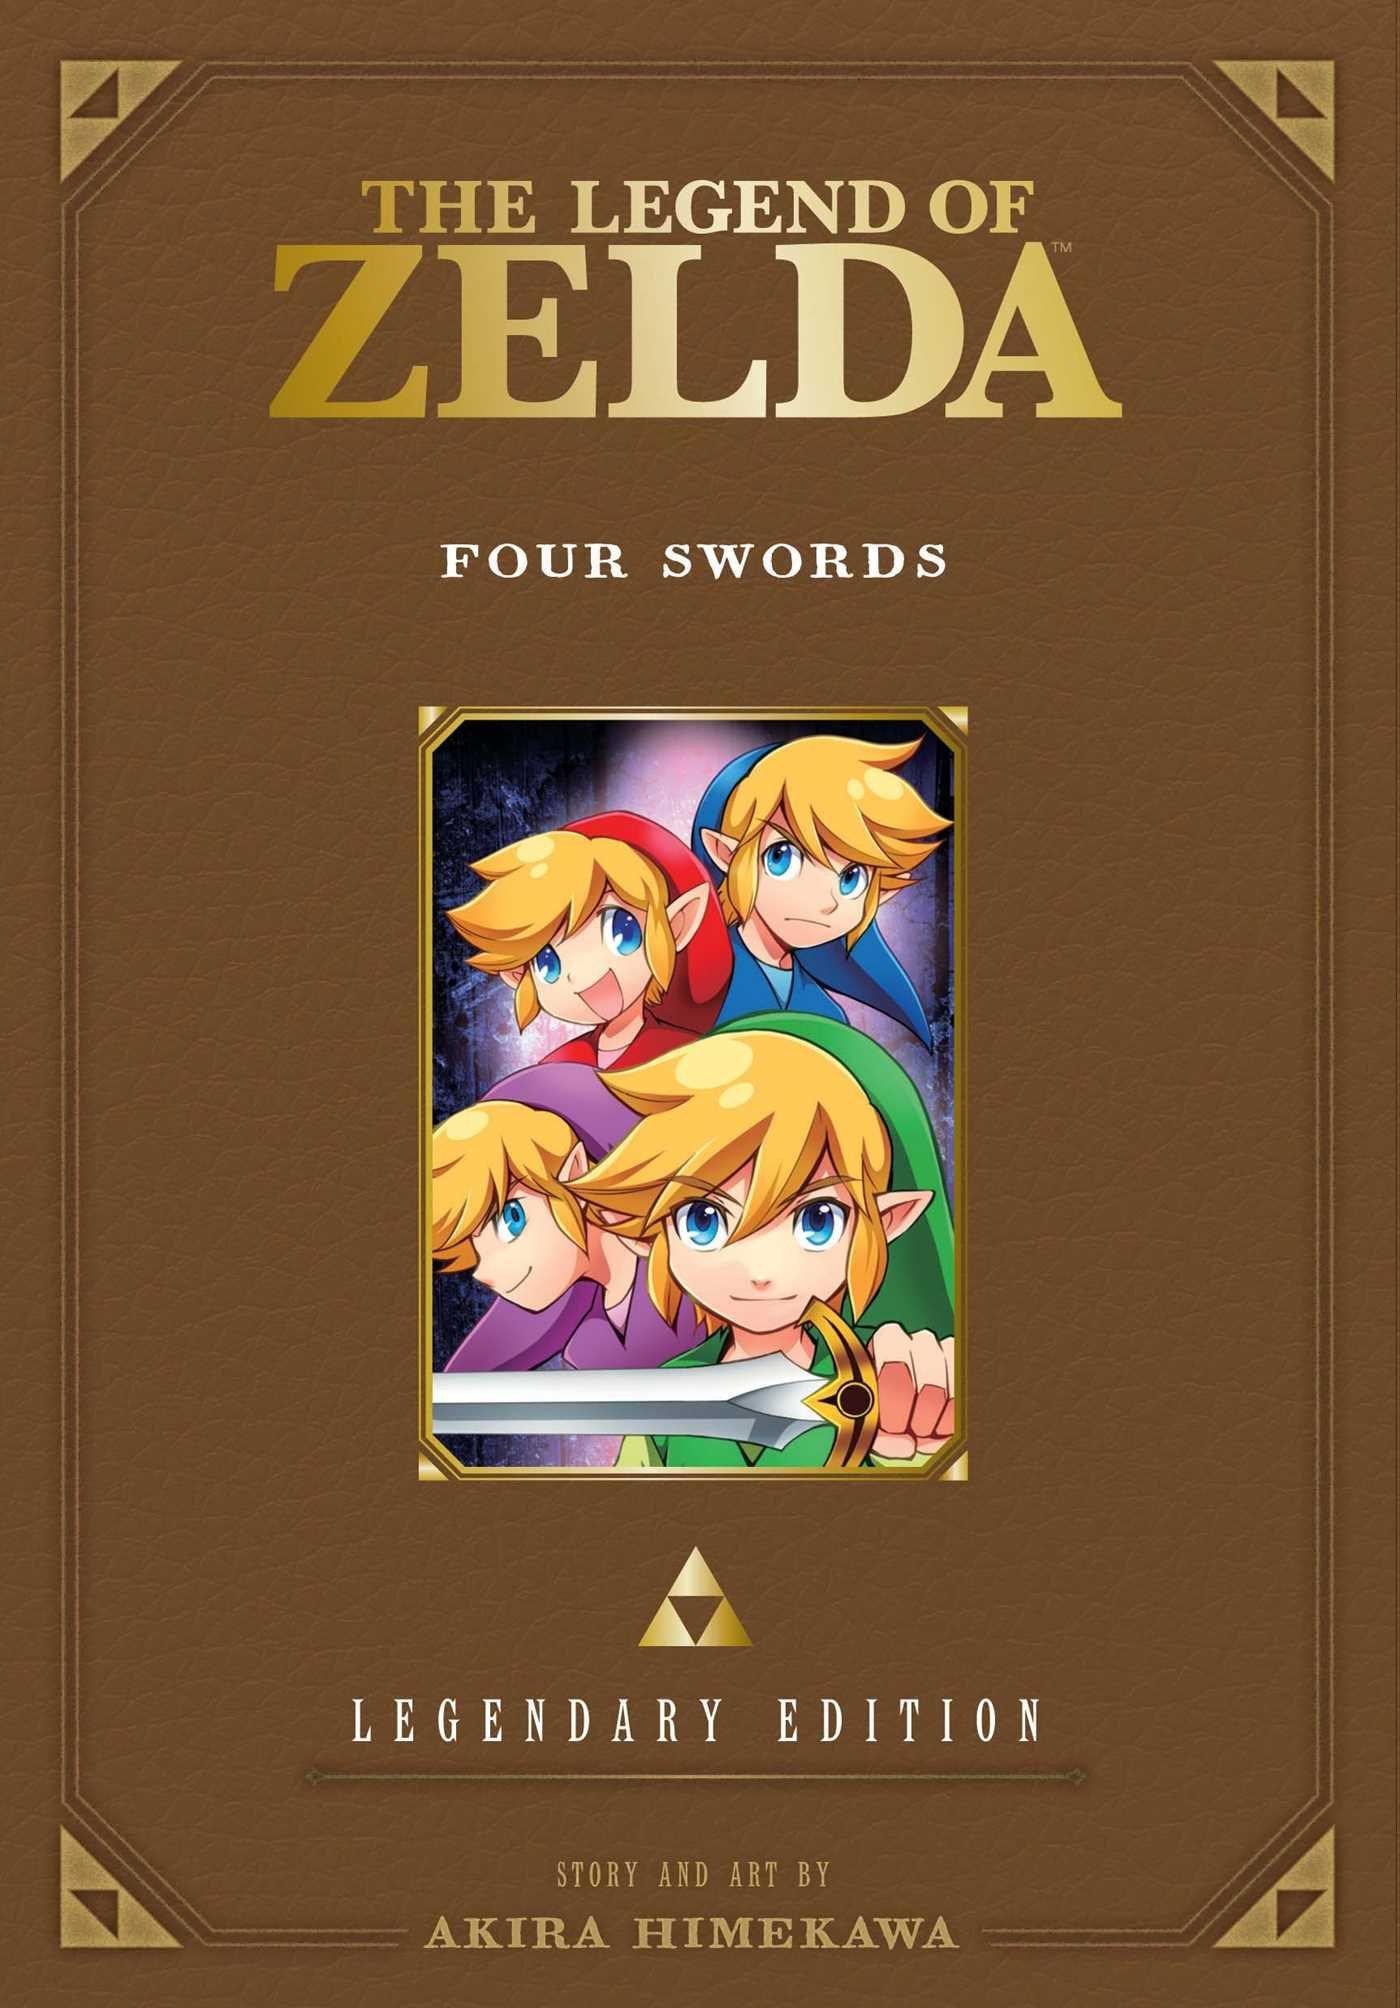 Legend of zelda minish cap manga pdf